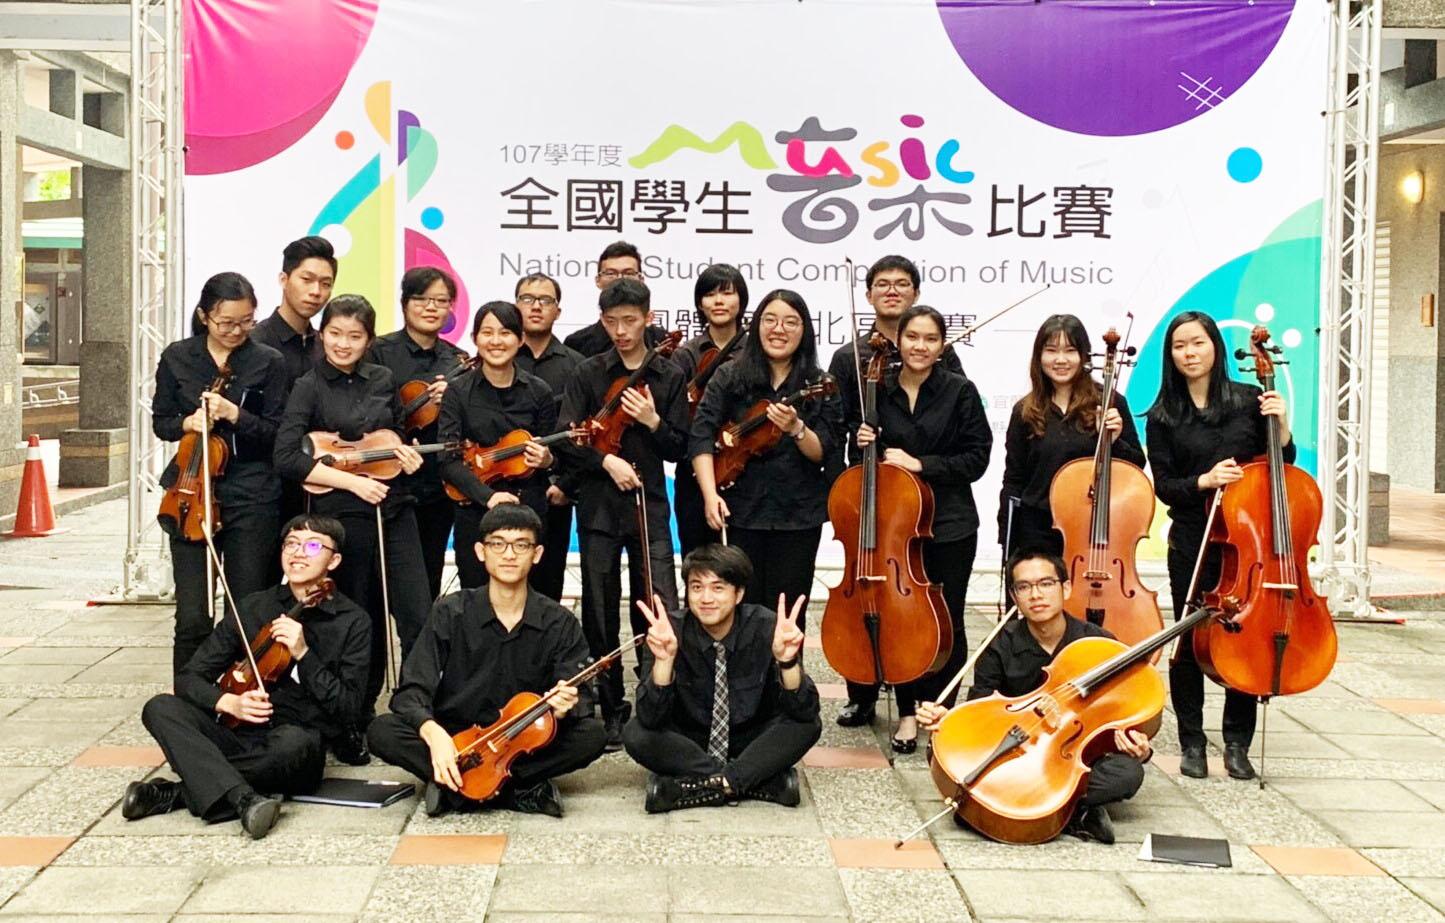 中原大學全人教育及社團蓬勃發展  音樂性社團在全國大專音樂競賽中屢創佳績!